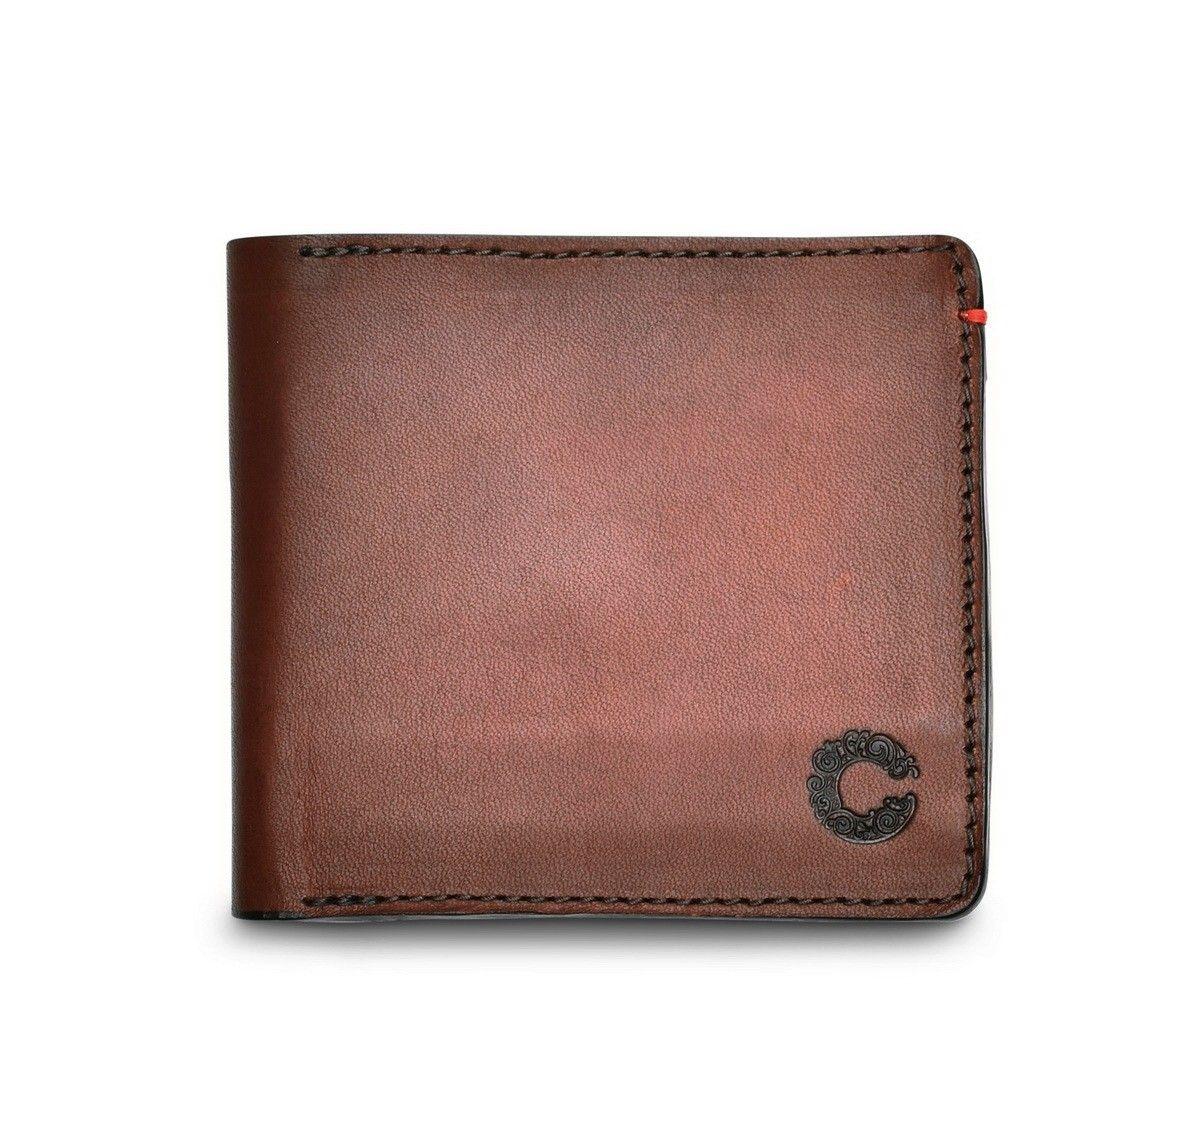 Croots - Leder Geldbörse - Vintage Leather - Port